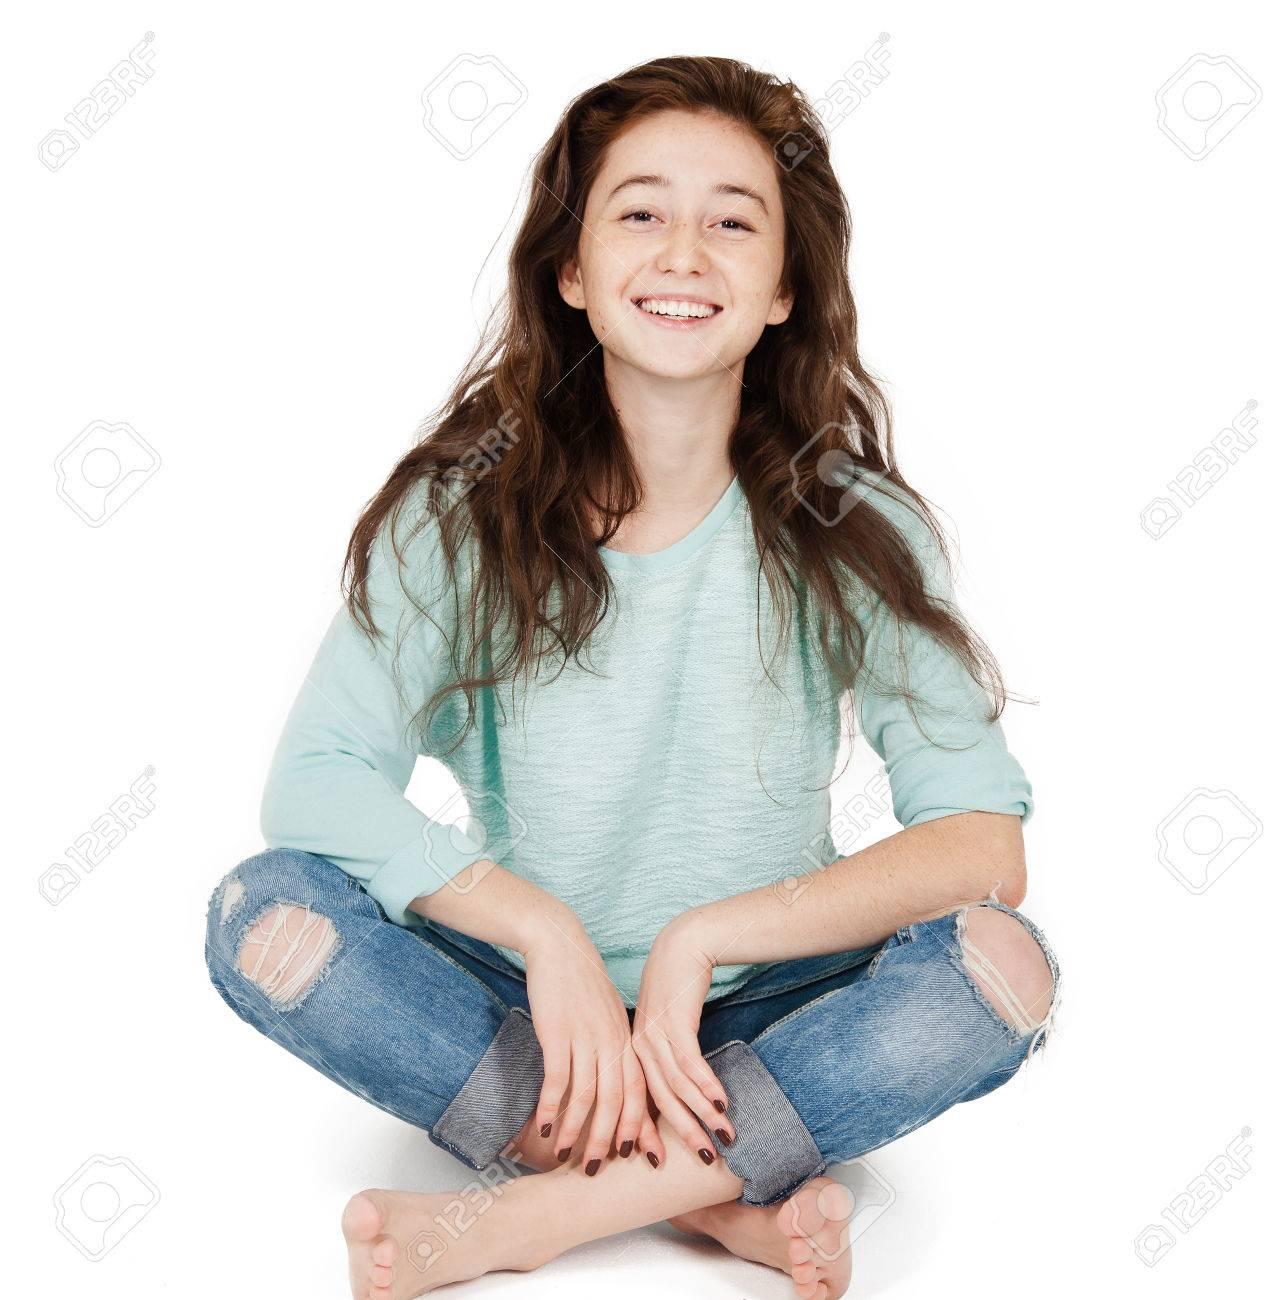 Nett Teenager Mädchen 17 18 Jahre Isoliert Auf Einem Weißen